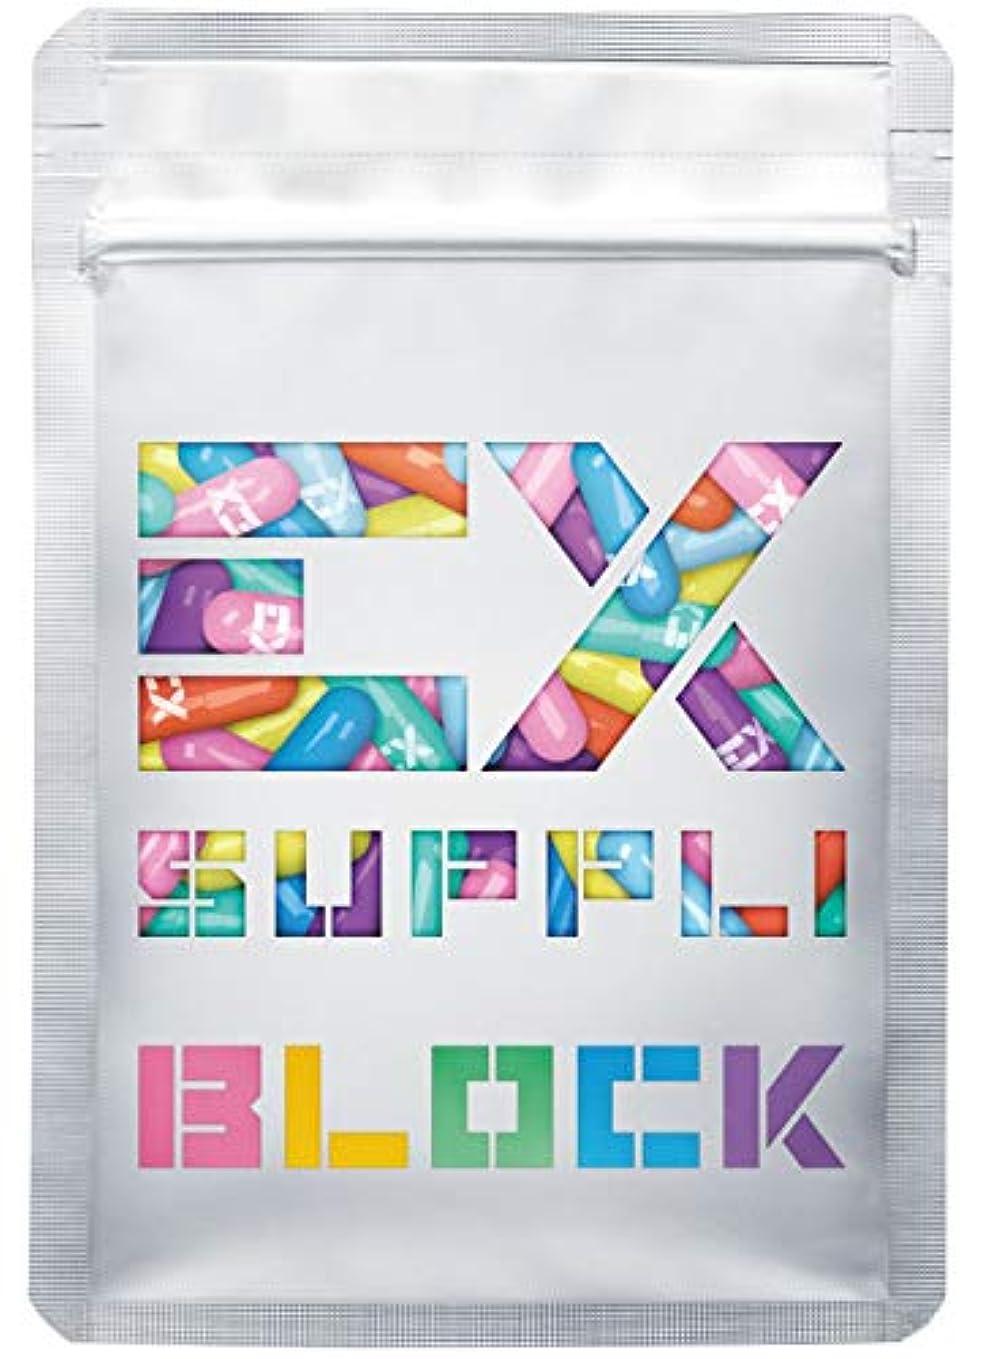 ステープルあいまい番号EX SUPPLI BLOCK カロリーサポートサプリ 120粒【30日分】(ダイエット エクスサプリ EXSUPPLI)